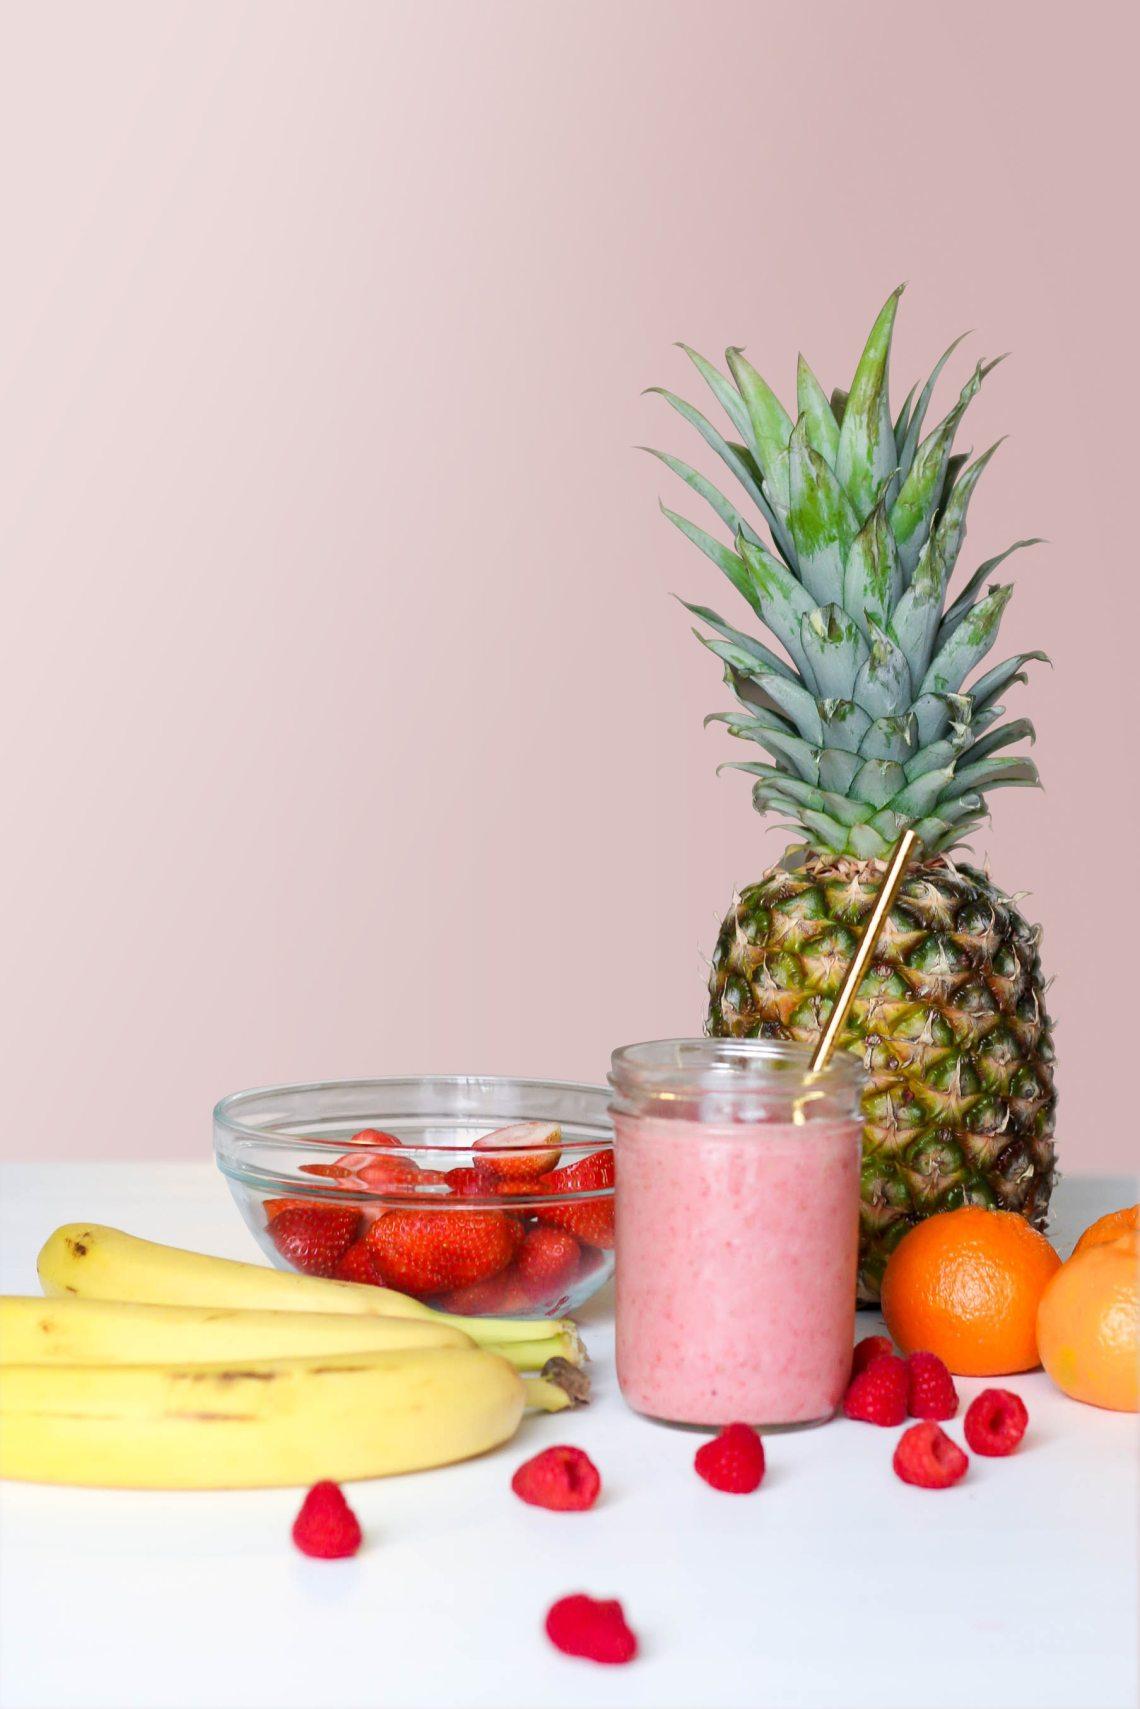 banana-berries-berry-775032.jpg